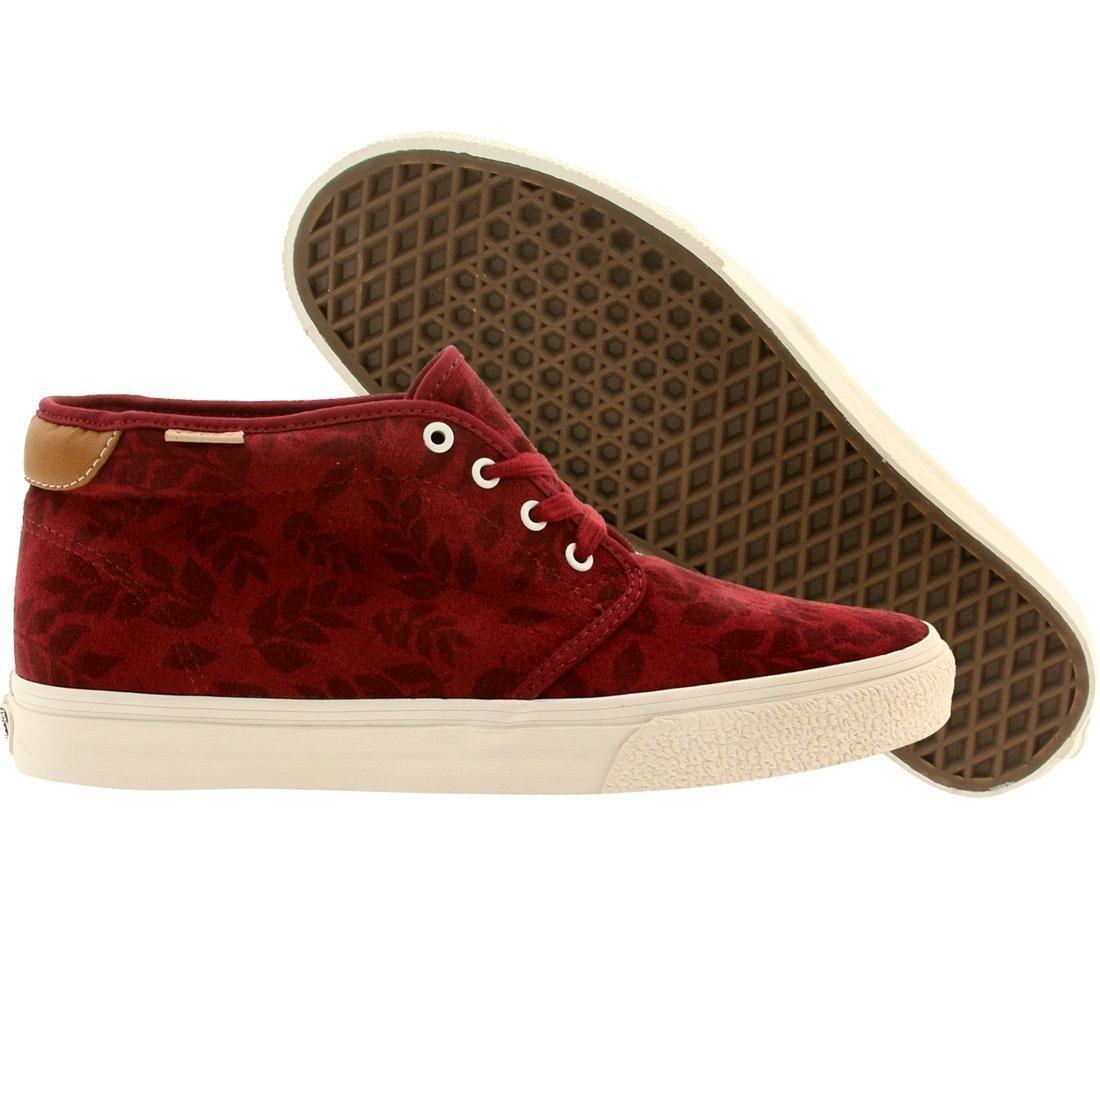 97c4238890 Vans Men Chukka Boot 69 Ca Leaf Suede (burgundy   ruby wine)